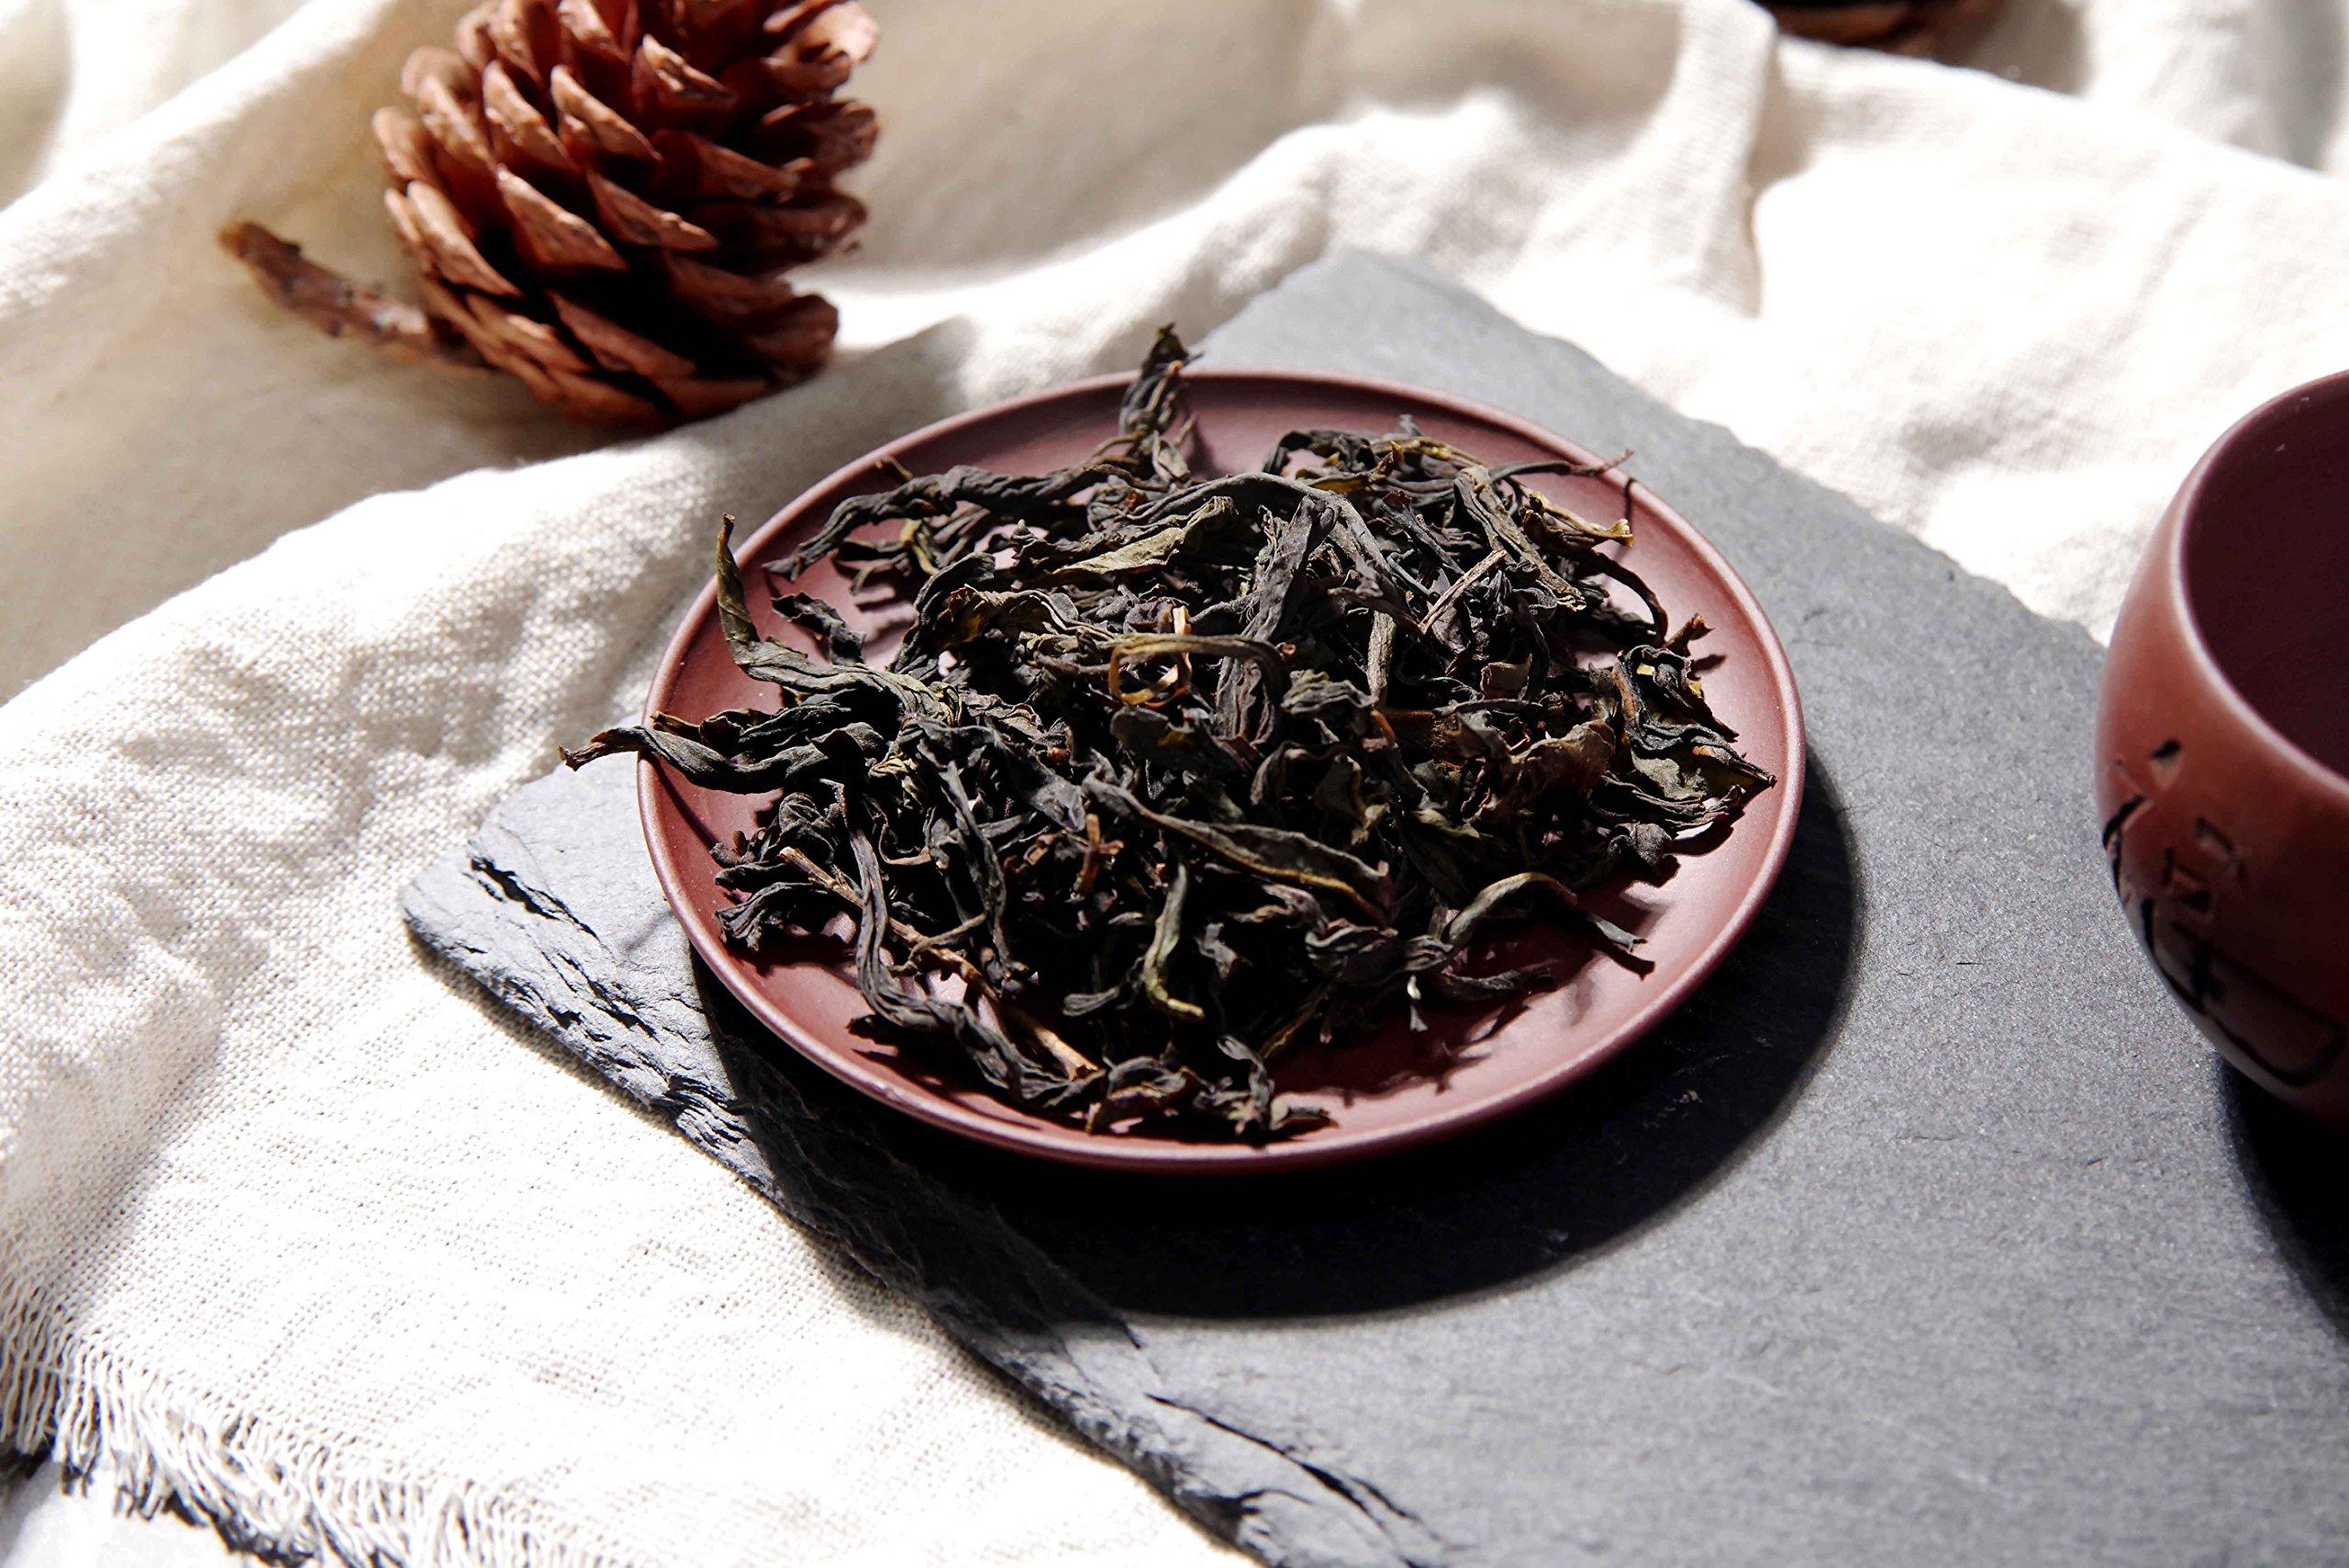 Kaiserliche-Oolong-Tee-Lose-Blatt-von-The-Phoenix-Mountain-33-Tassen-Phoenix-DanCong-Oolong-Tee-fr-Gewicht-Verlust-100-Chinesisch-Natrlicher-Detox-Oolong-Tee-Gesundheit-Vorteile-66g